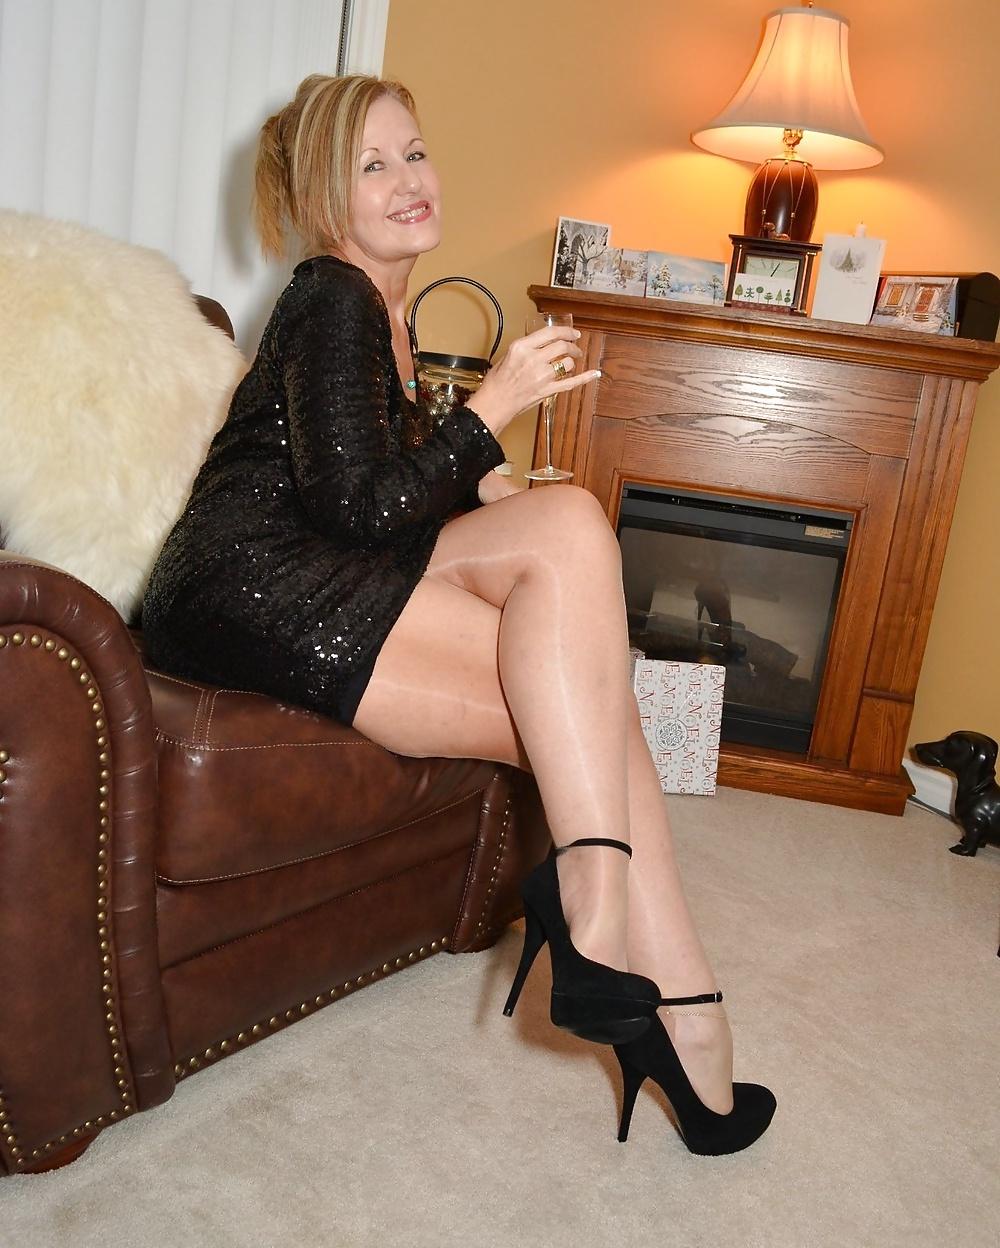 Milf Legs Heels